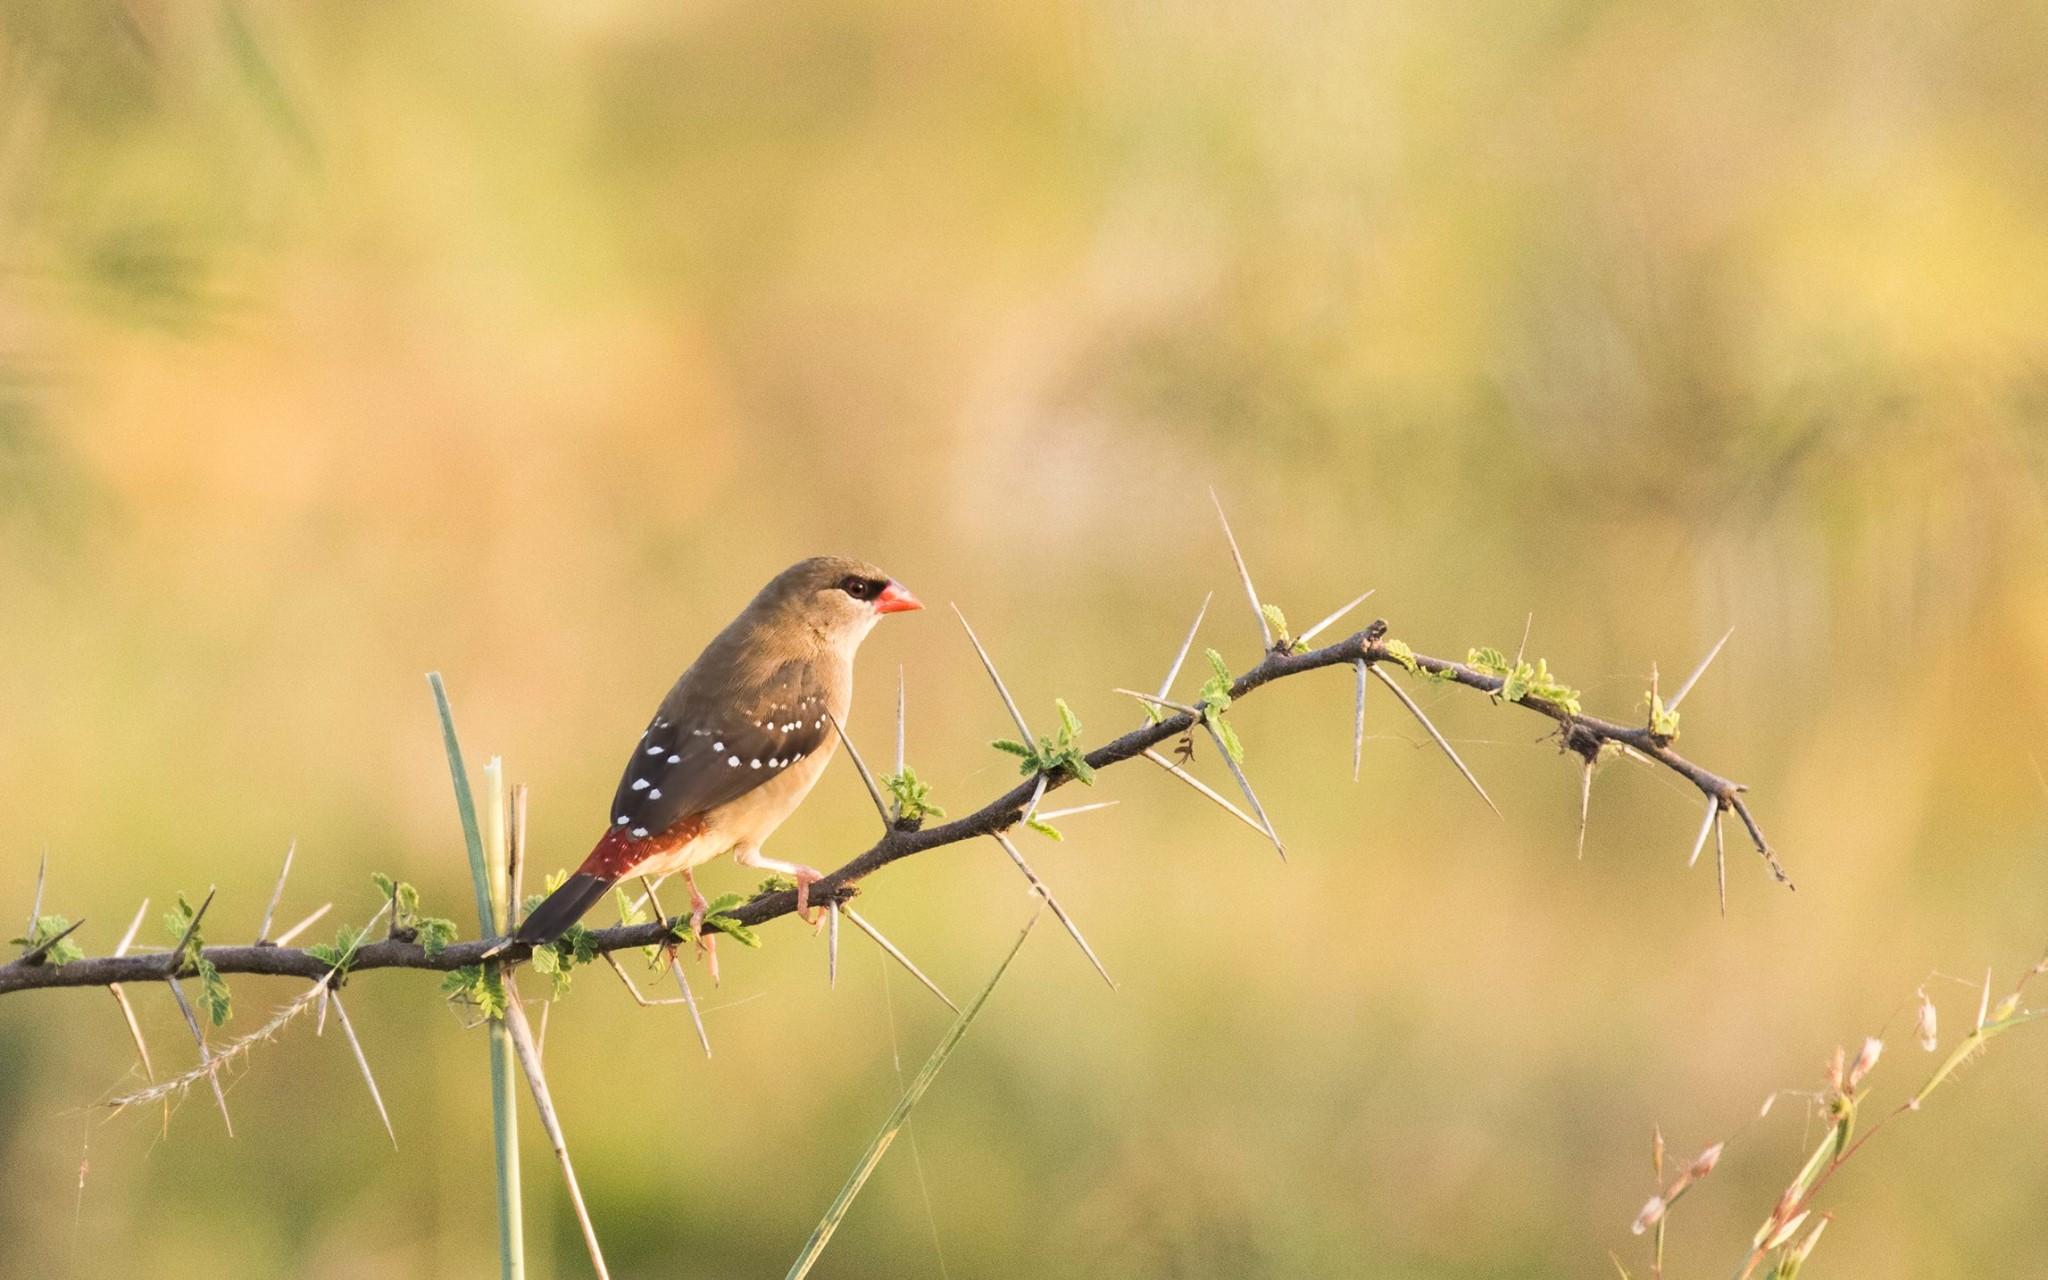 ફેબ્રુઆરી મહિનાના અંત સુધી અહીં વિવિધ પક્ષીઓ જોઈ શકાય છે